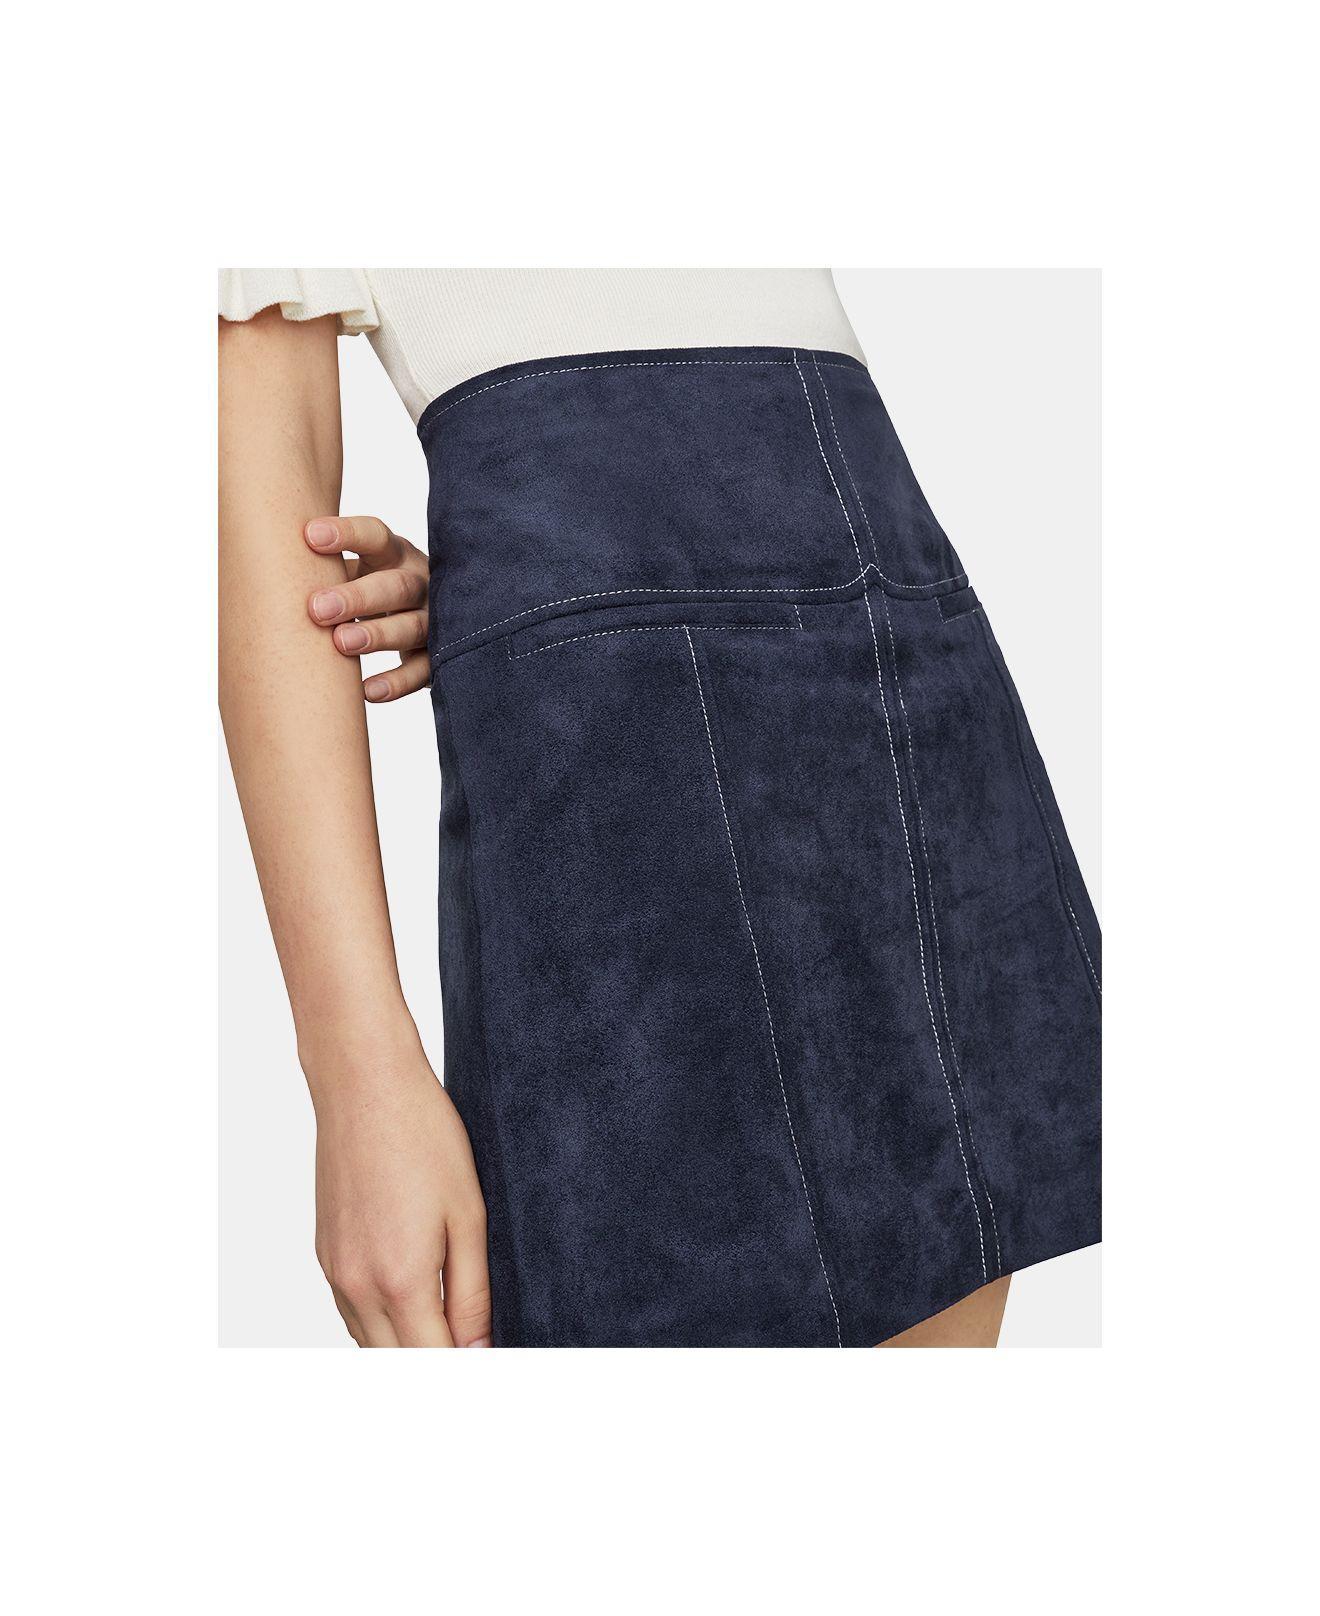 daacd8fc79 Lyst - BCBGMAXAZRIA Faux Suede Mini Skirt in Blue